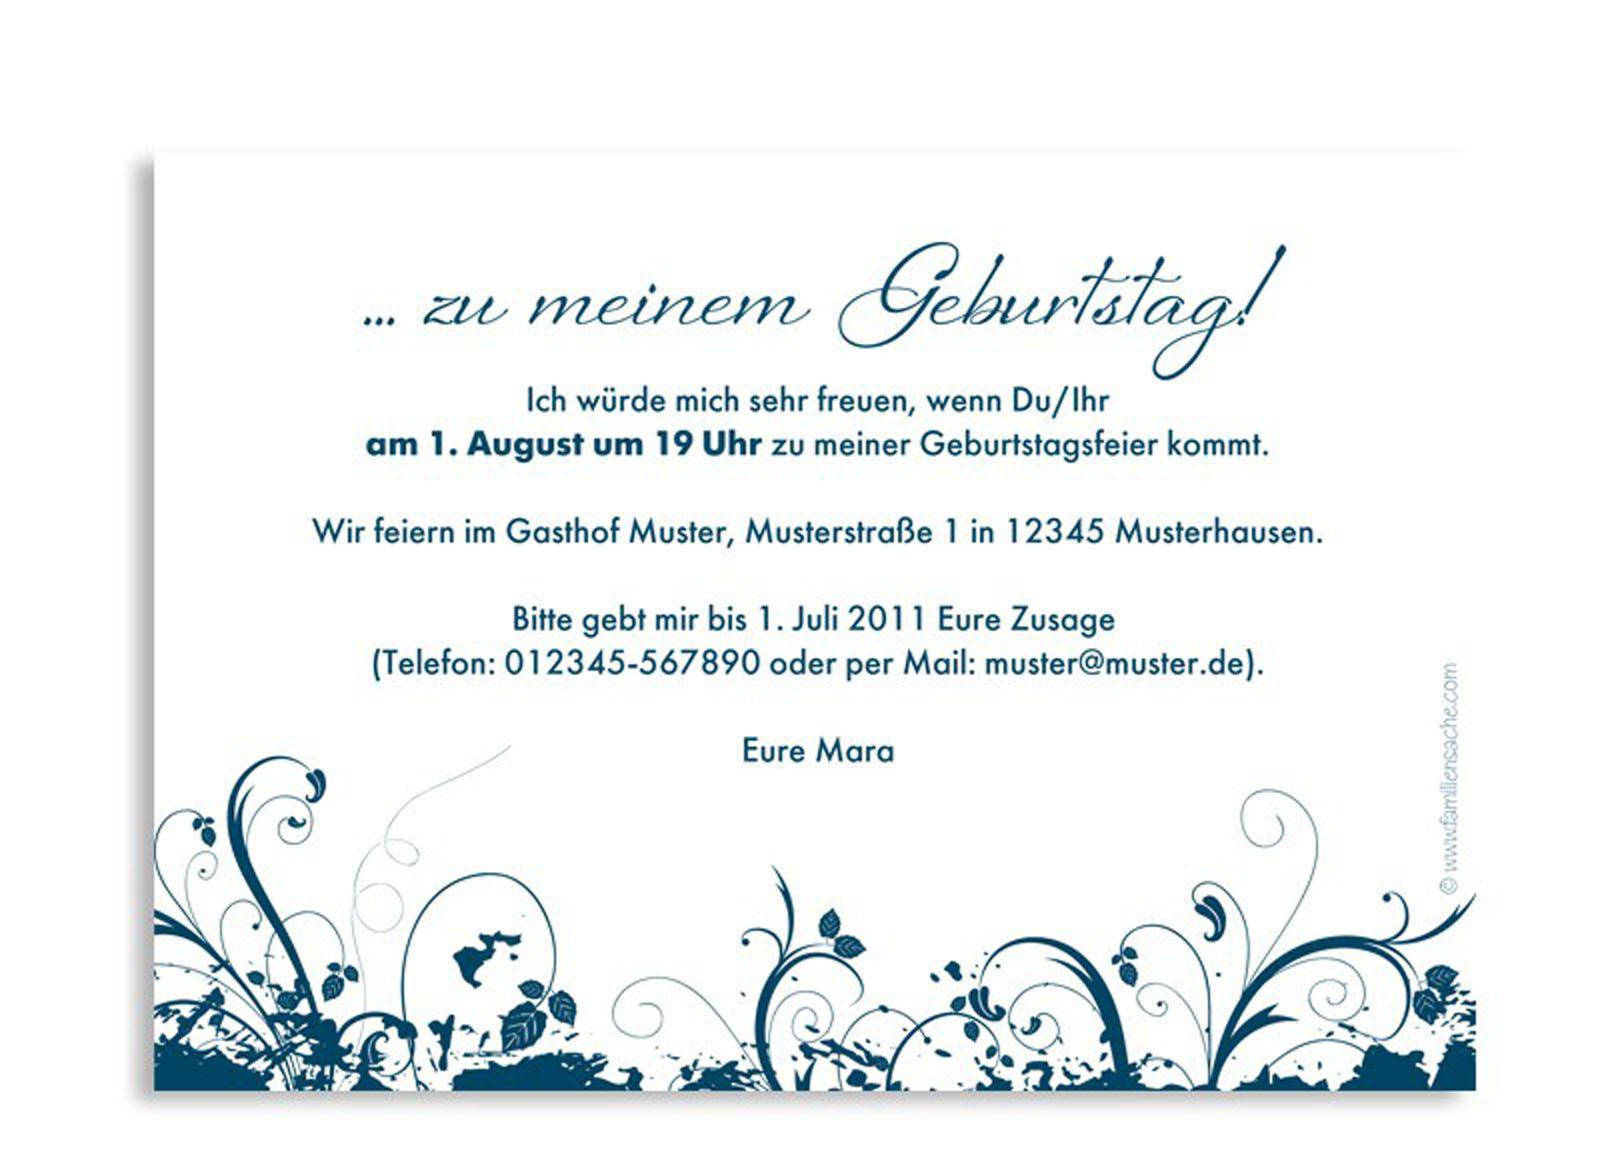 einladung geburtstag text : einladung erster geburtstag text, Einladung